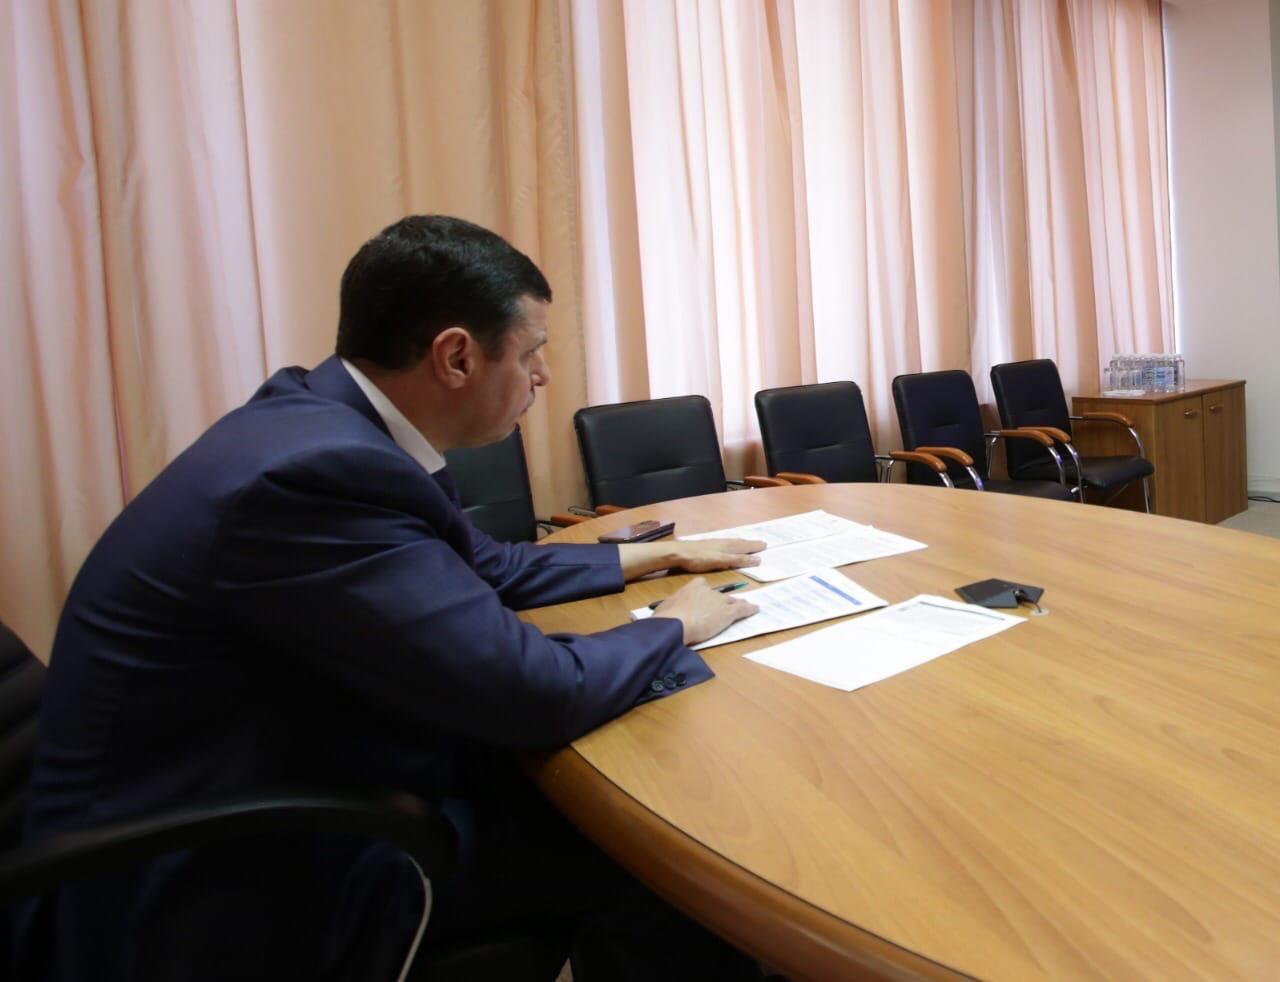 Дмитрий Миронов: «На дистанционном обучении никто не снимает с нас обязанности обеспечить льготников бесплатным питанием»